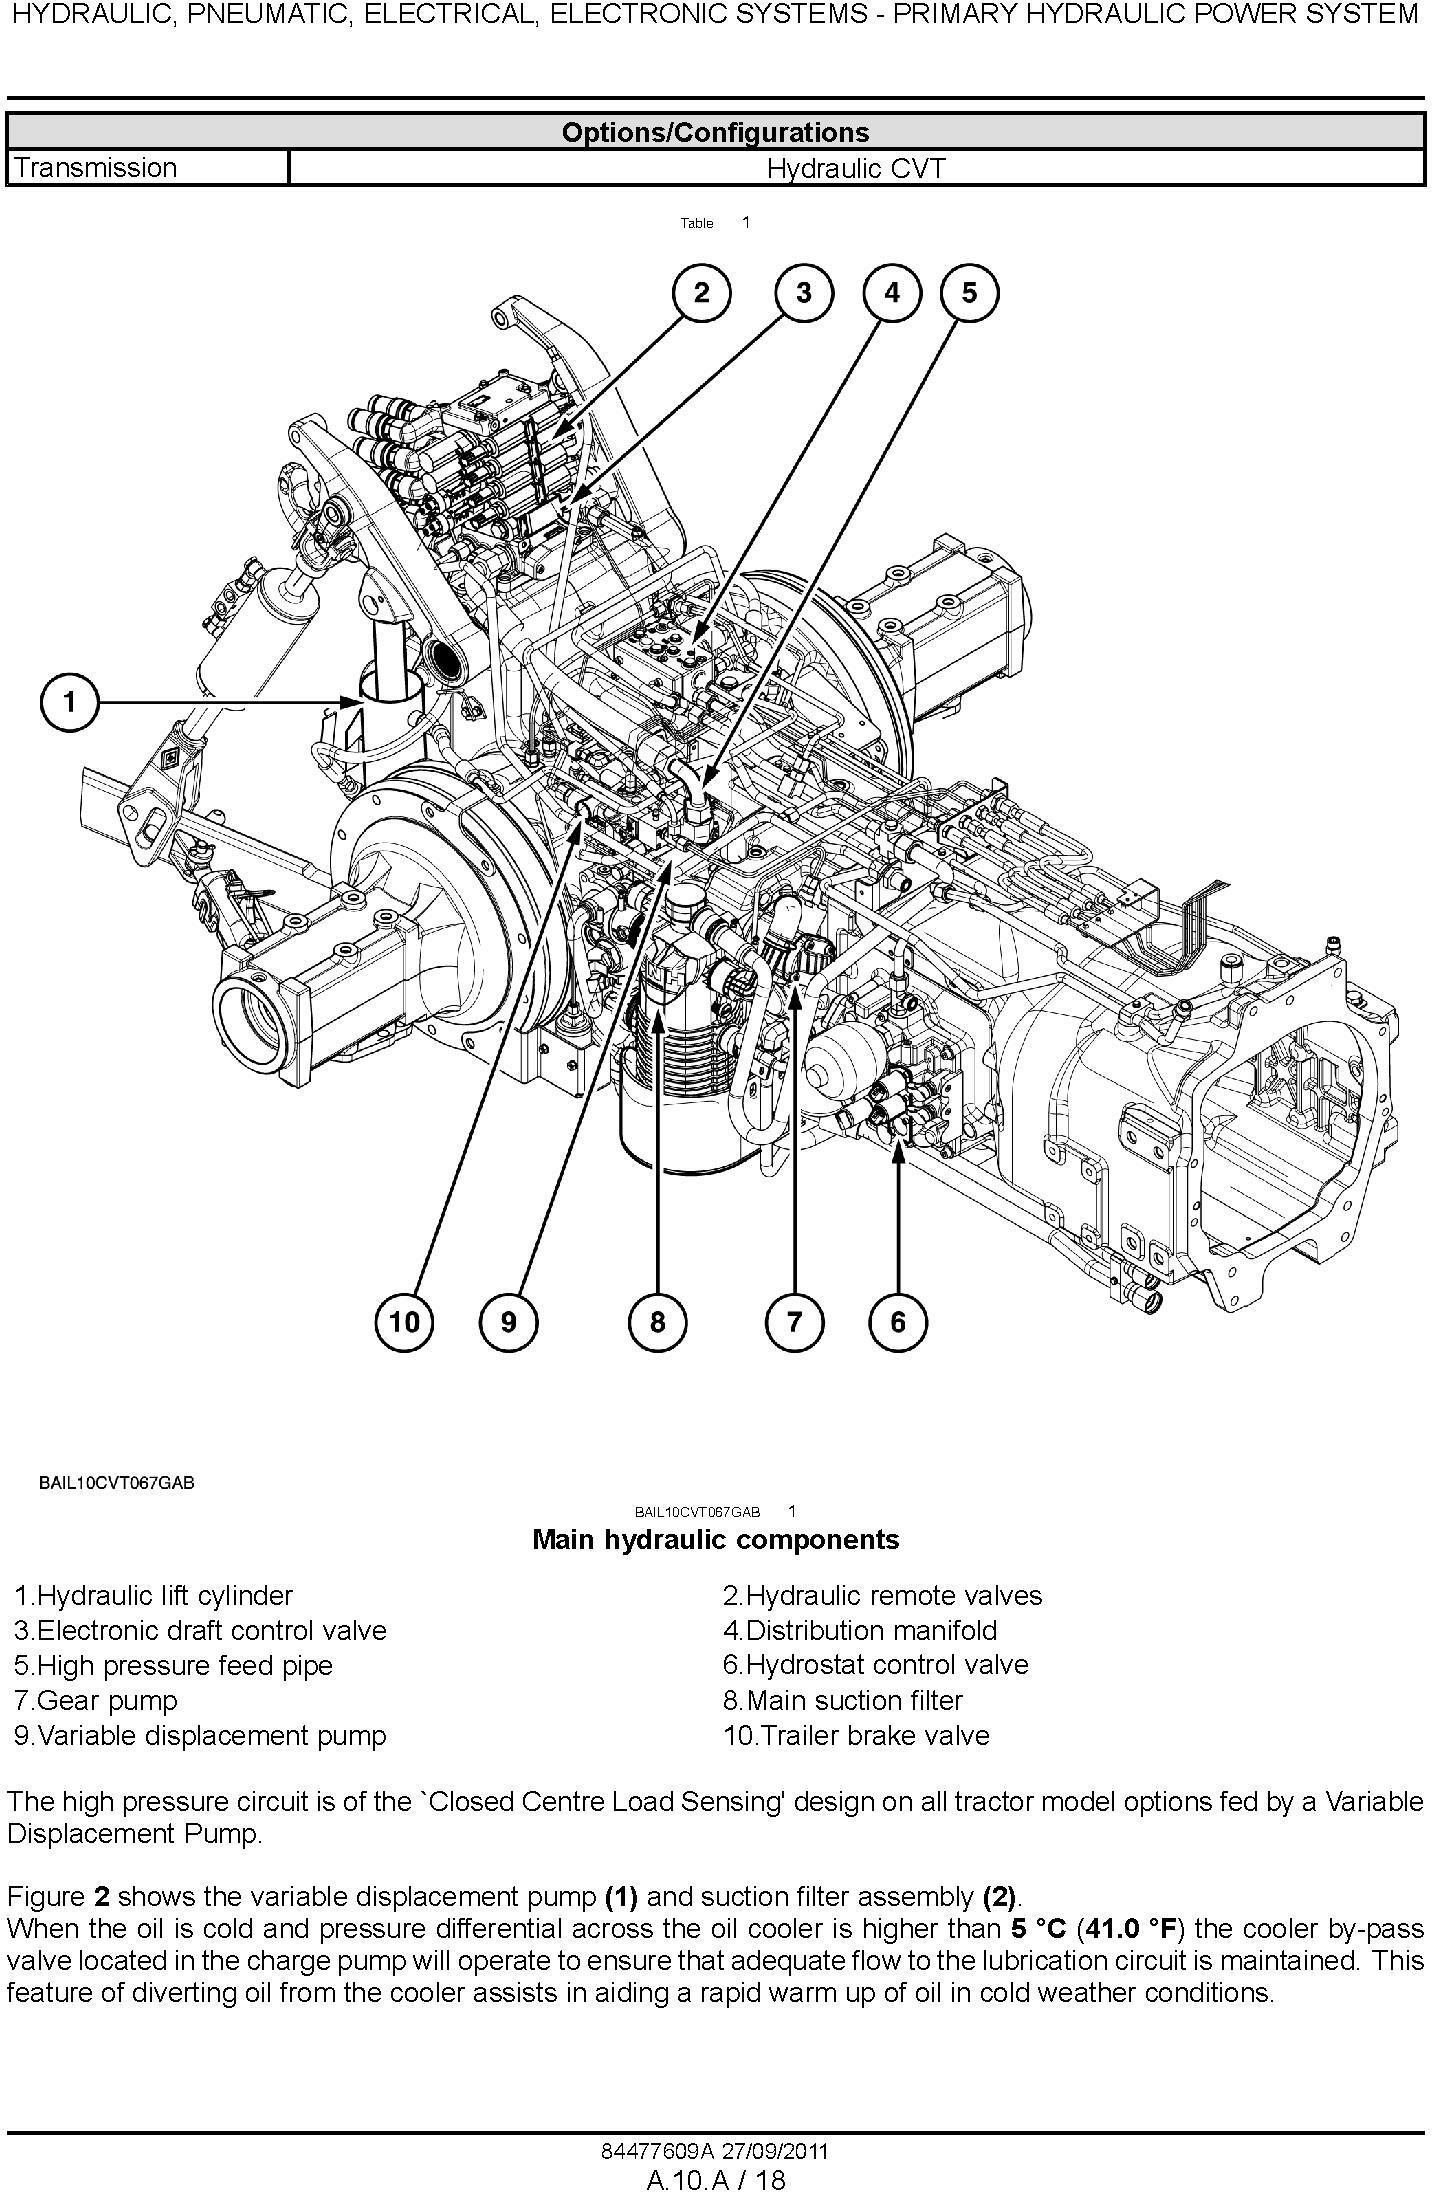 New Holland T7.170, T7.185, T7.200, T7.210 Tractors Service Manual - 2